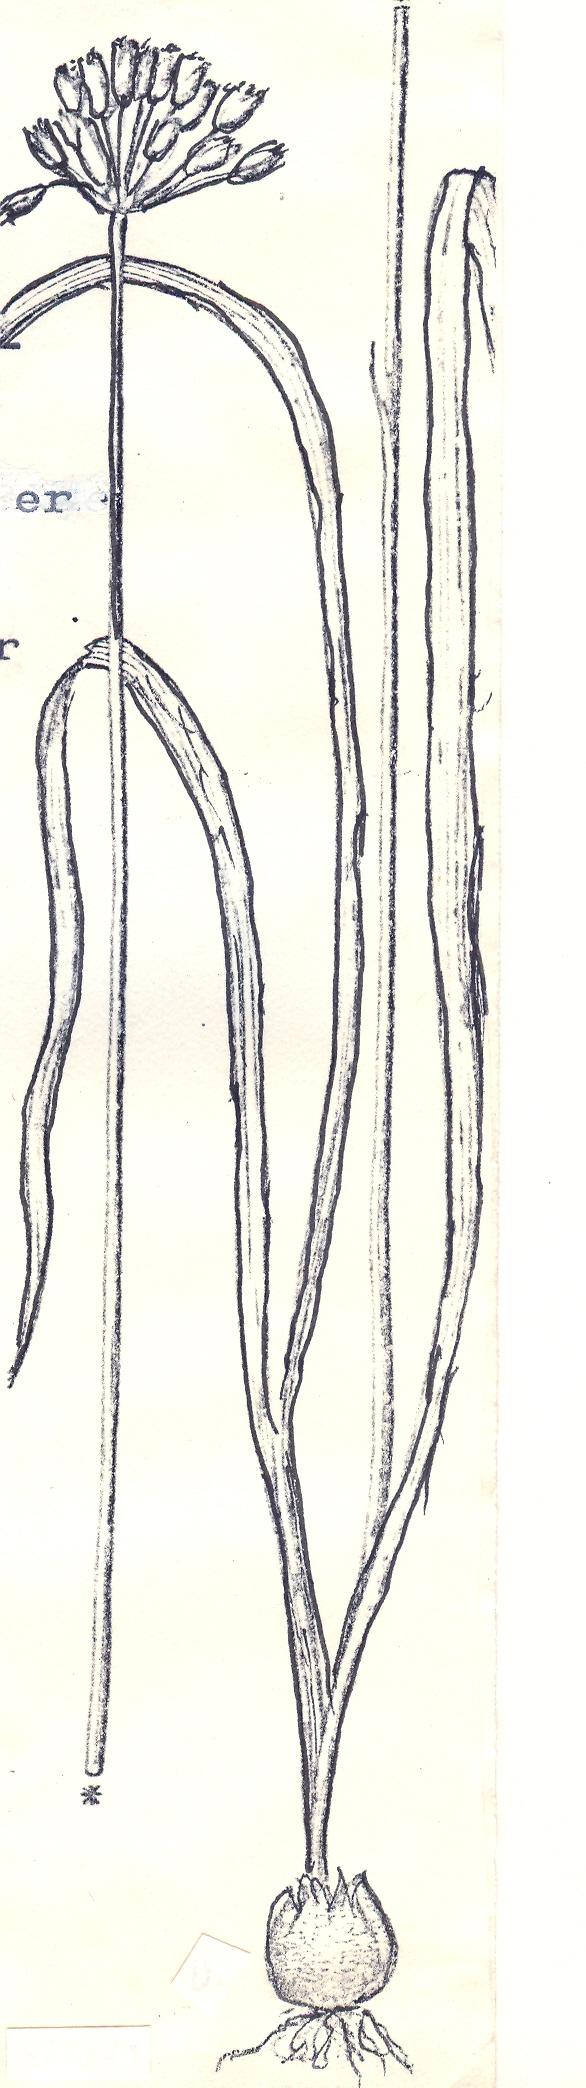 Allium%20tripterum.jpg